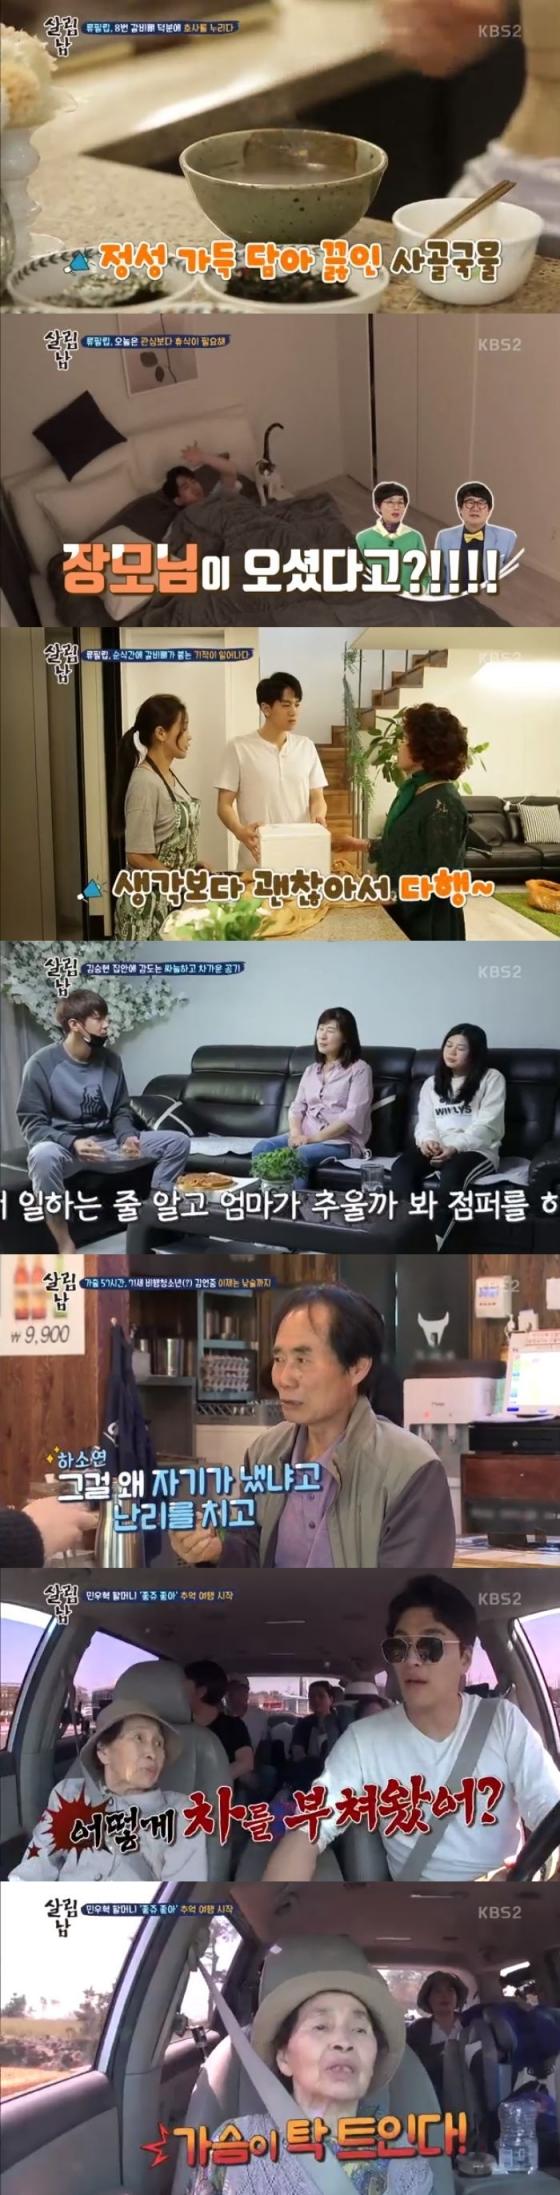 [★밤TView]'살림남2' 필립 병환에 미나 가족 '총출동'